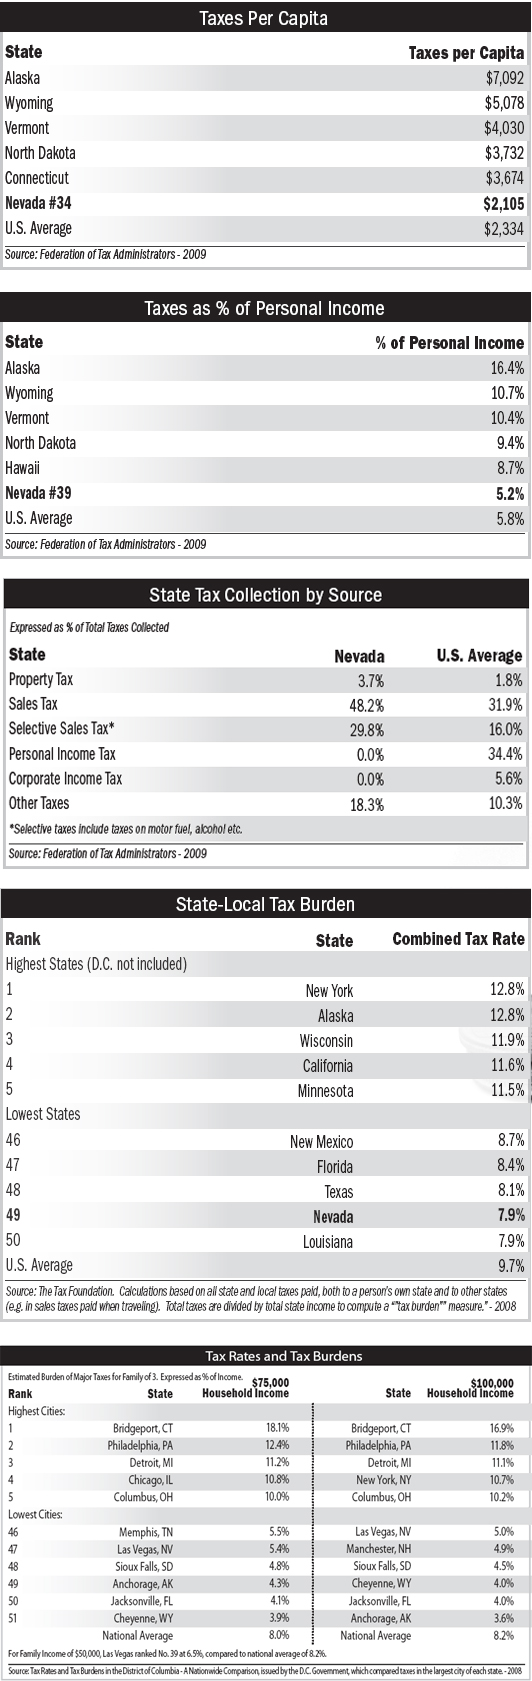 Tax Burden Statistics